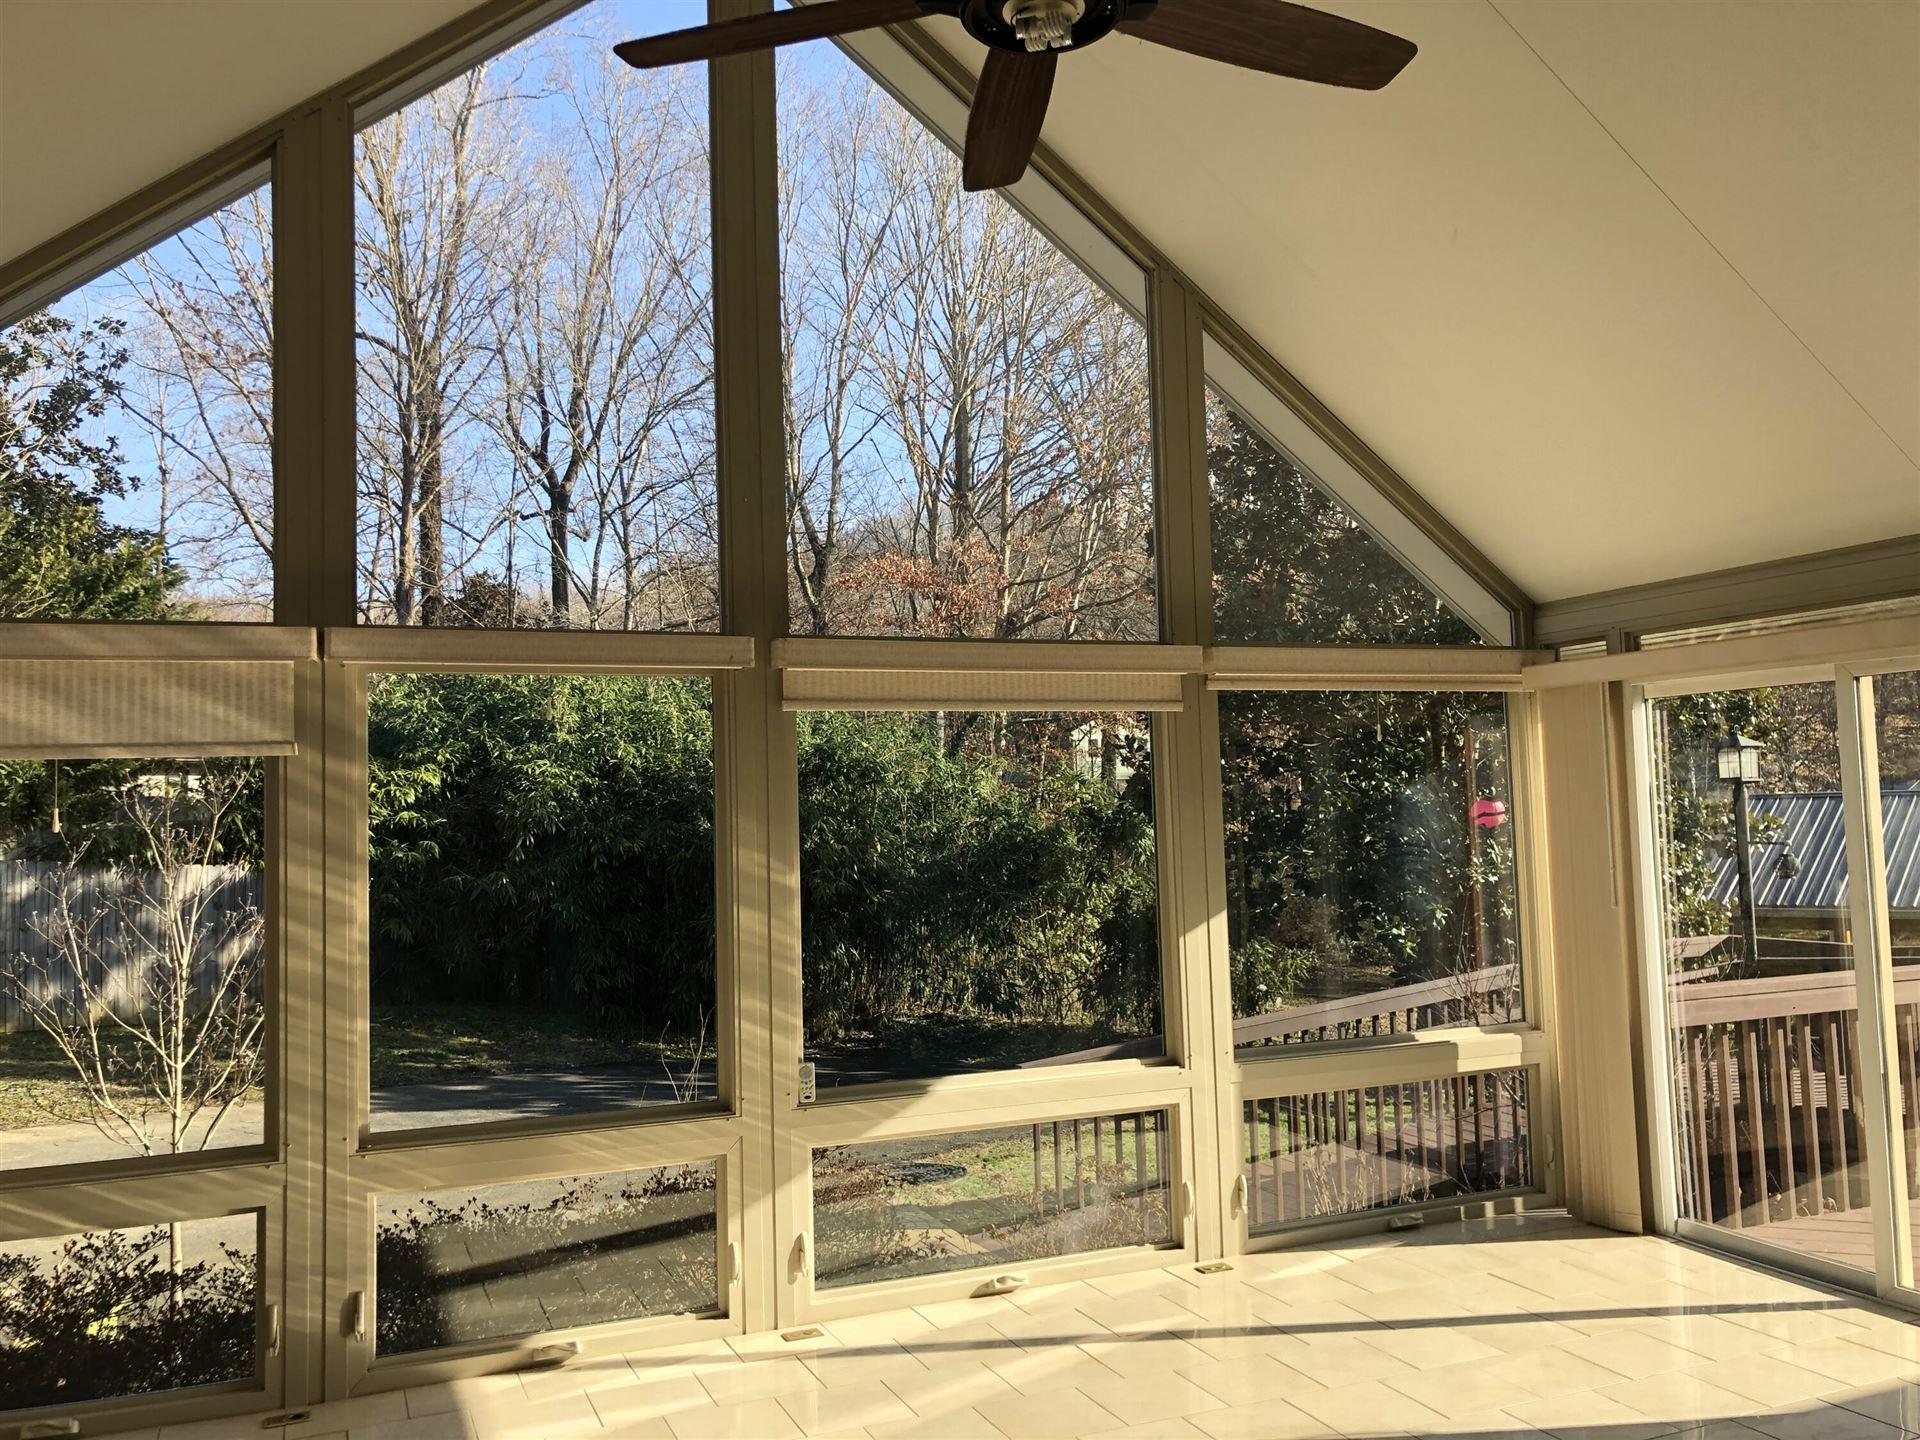 Photo of 122 Brentwood Drive, Oak Ridge, TN 37830 (MLS # 1139674)